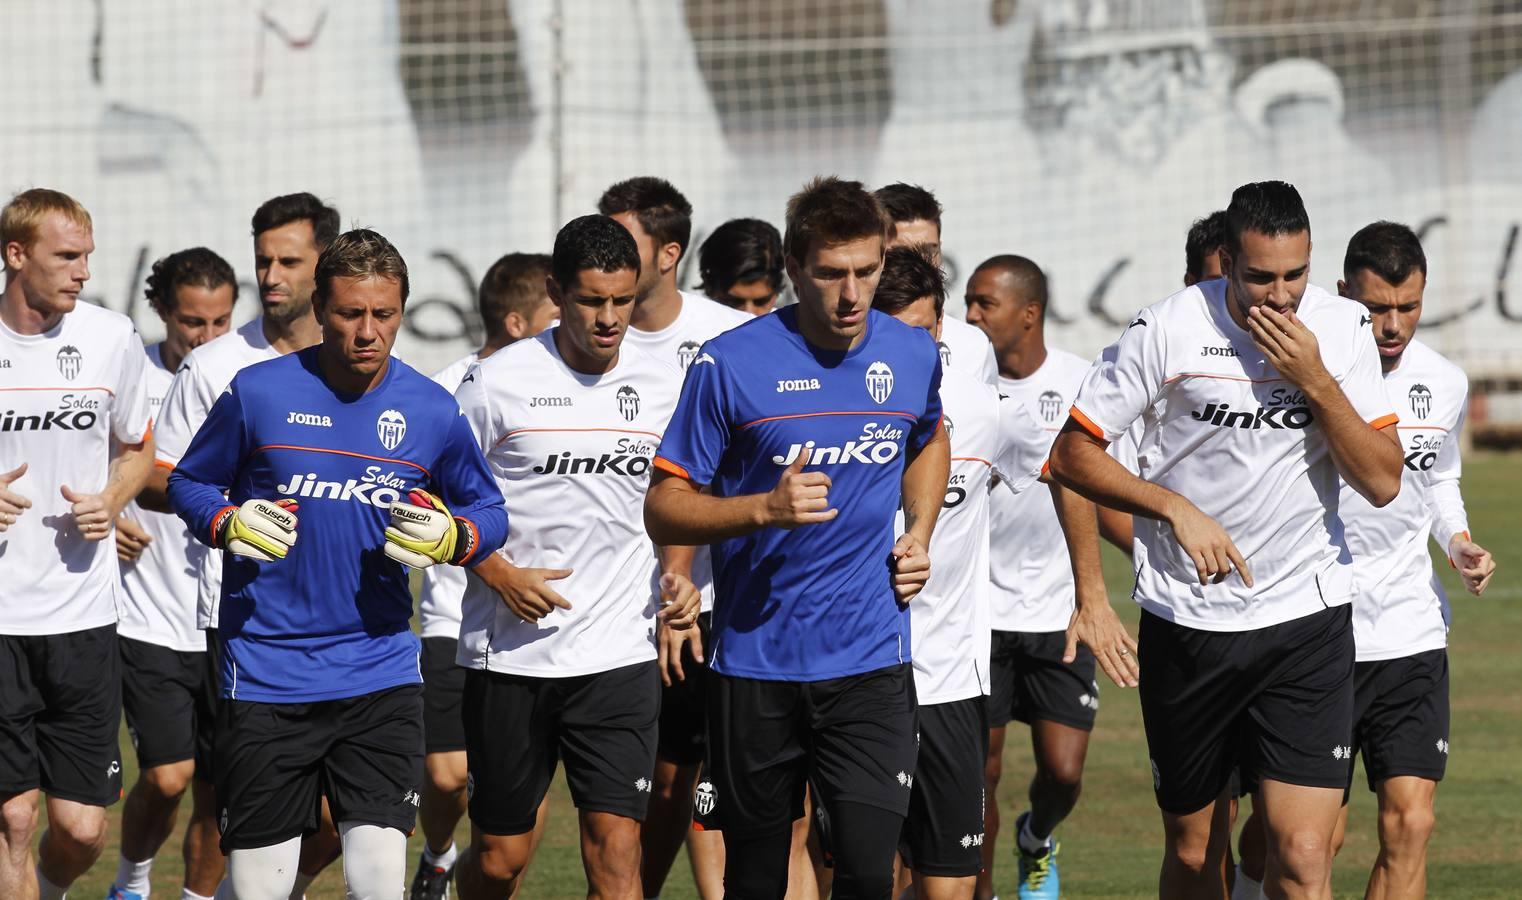 Entrenamiento del Valencia CF, el día después de la derrota contra el Swansea